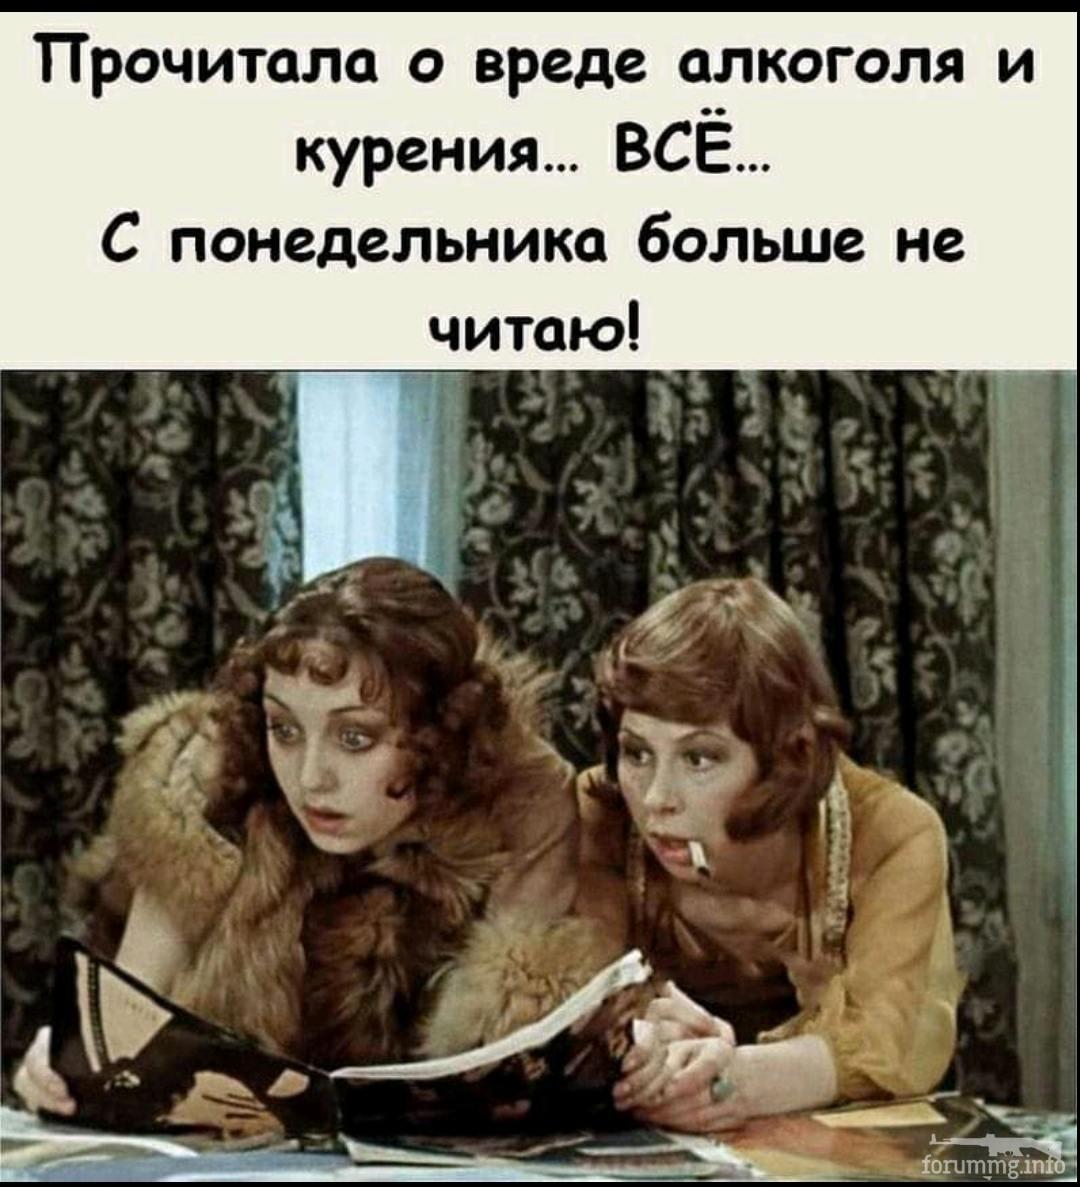 132775 - Пить или не пить? - пятничная алкогольная тема )))